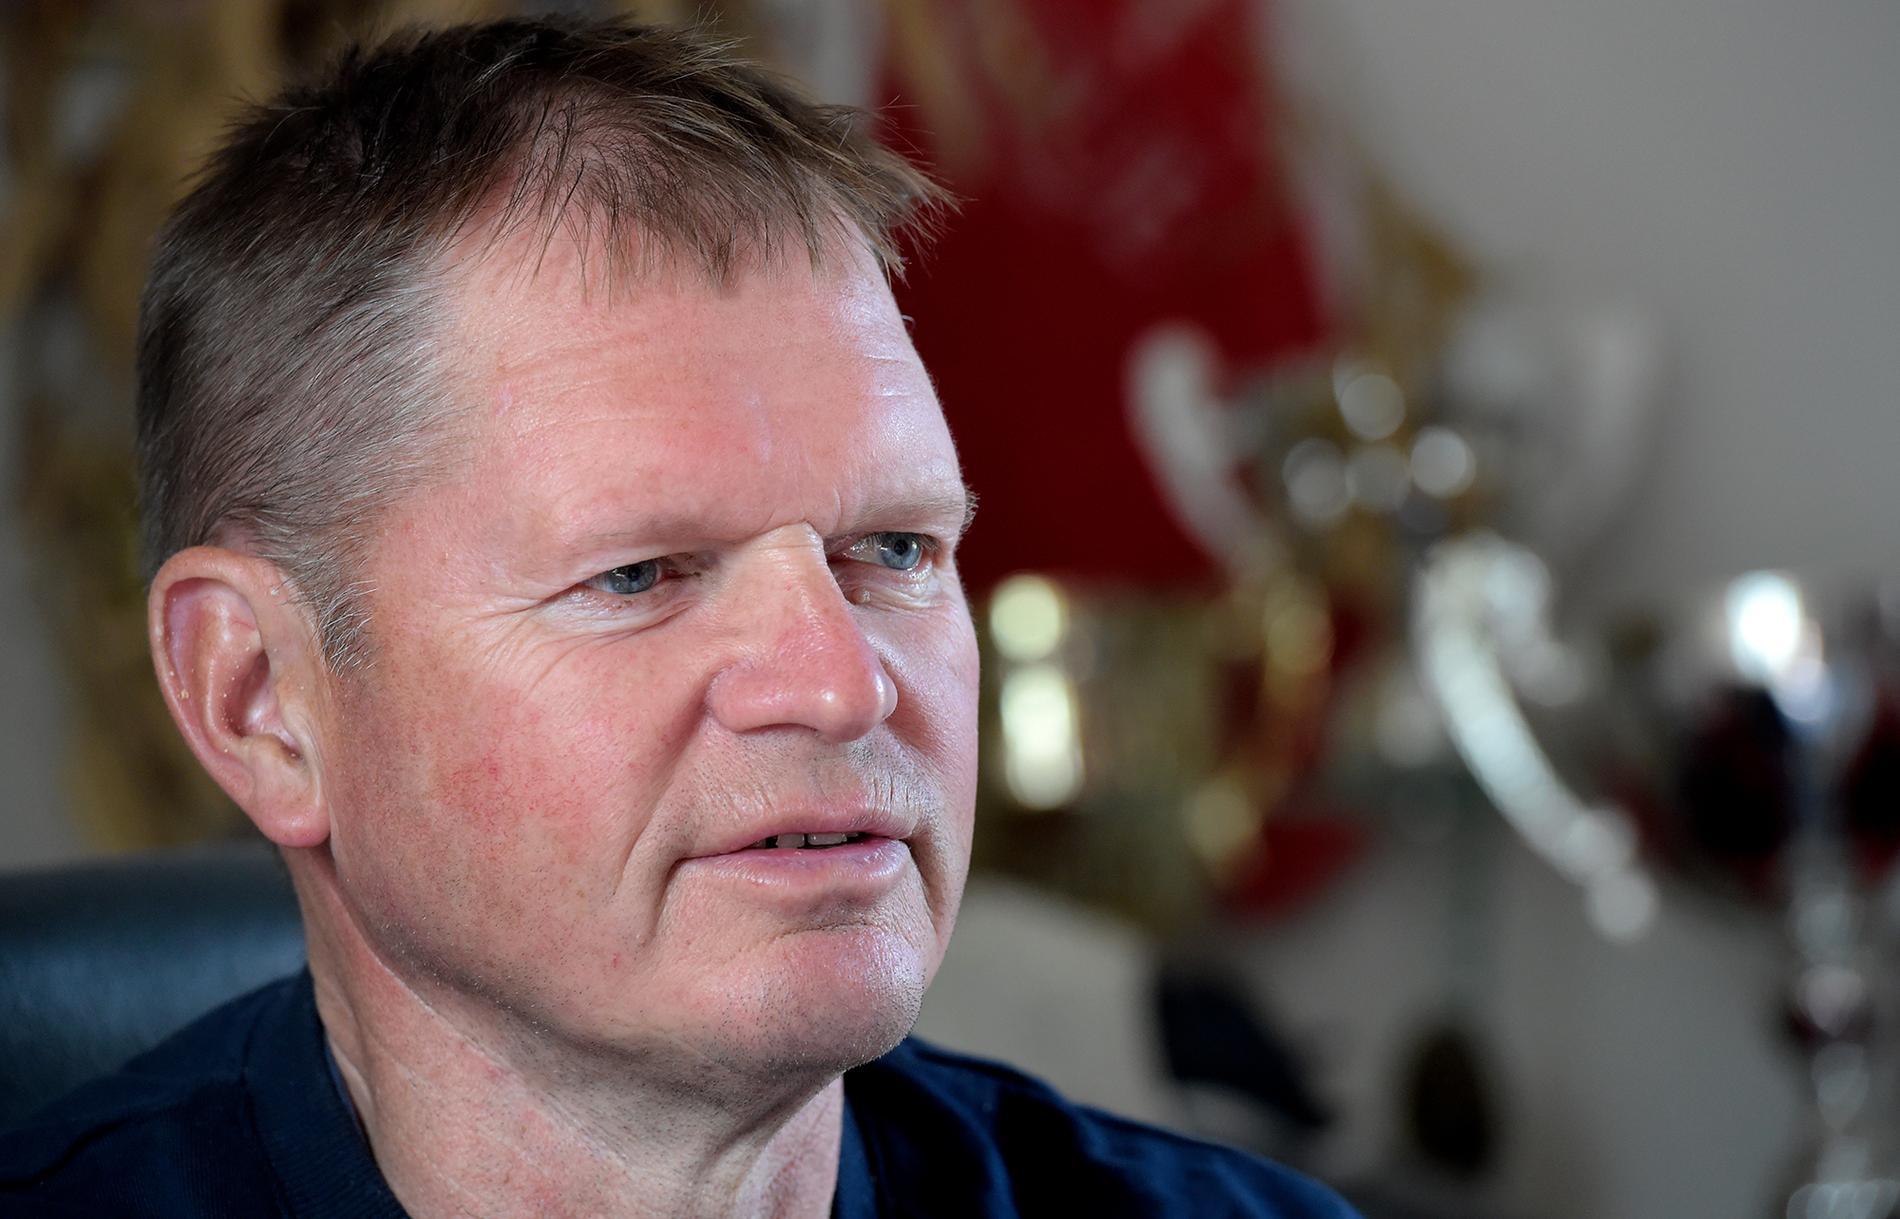 """""""Det var en otäck händelse men jag klarade mig ändå rätt så bra efter omständigheterna"""", säger Jarmo Niskanen om olyckan i december 2018."""